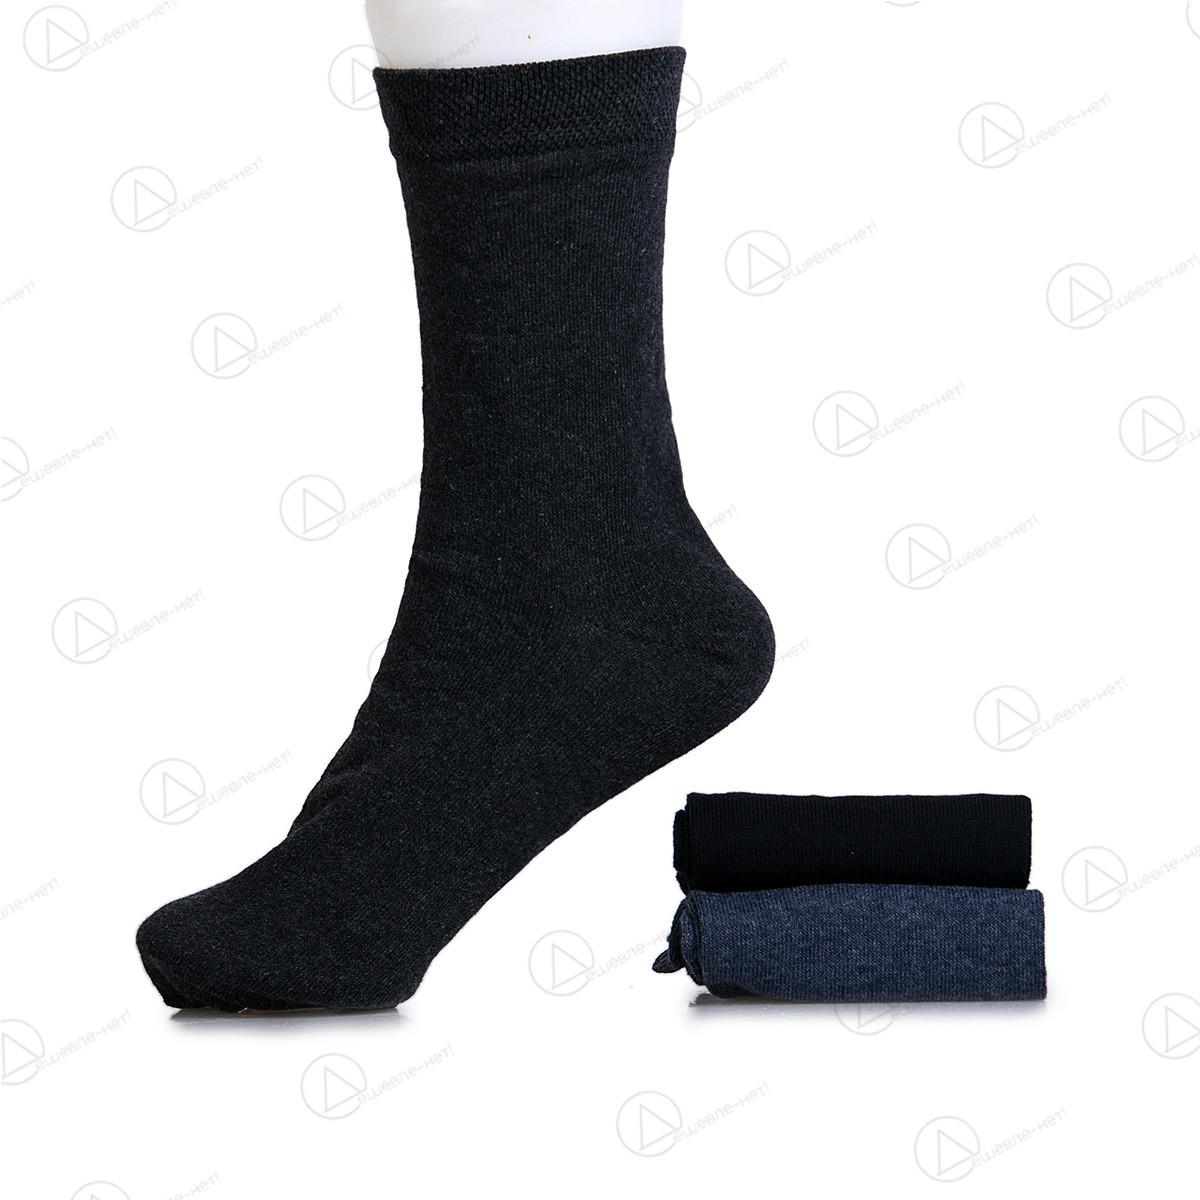 Носки мужские оптом высокие Комфорт 001-6drn